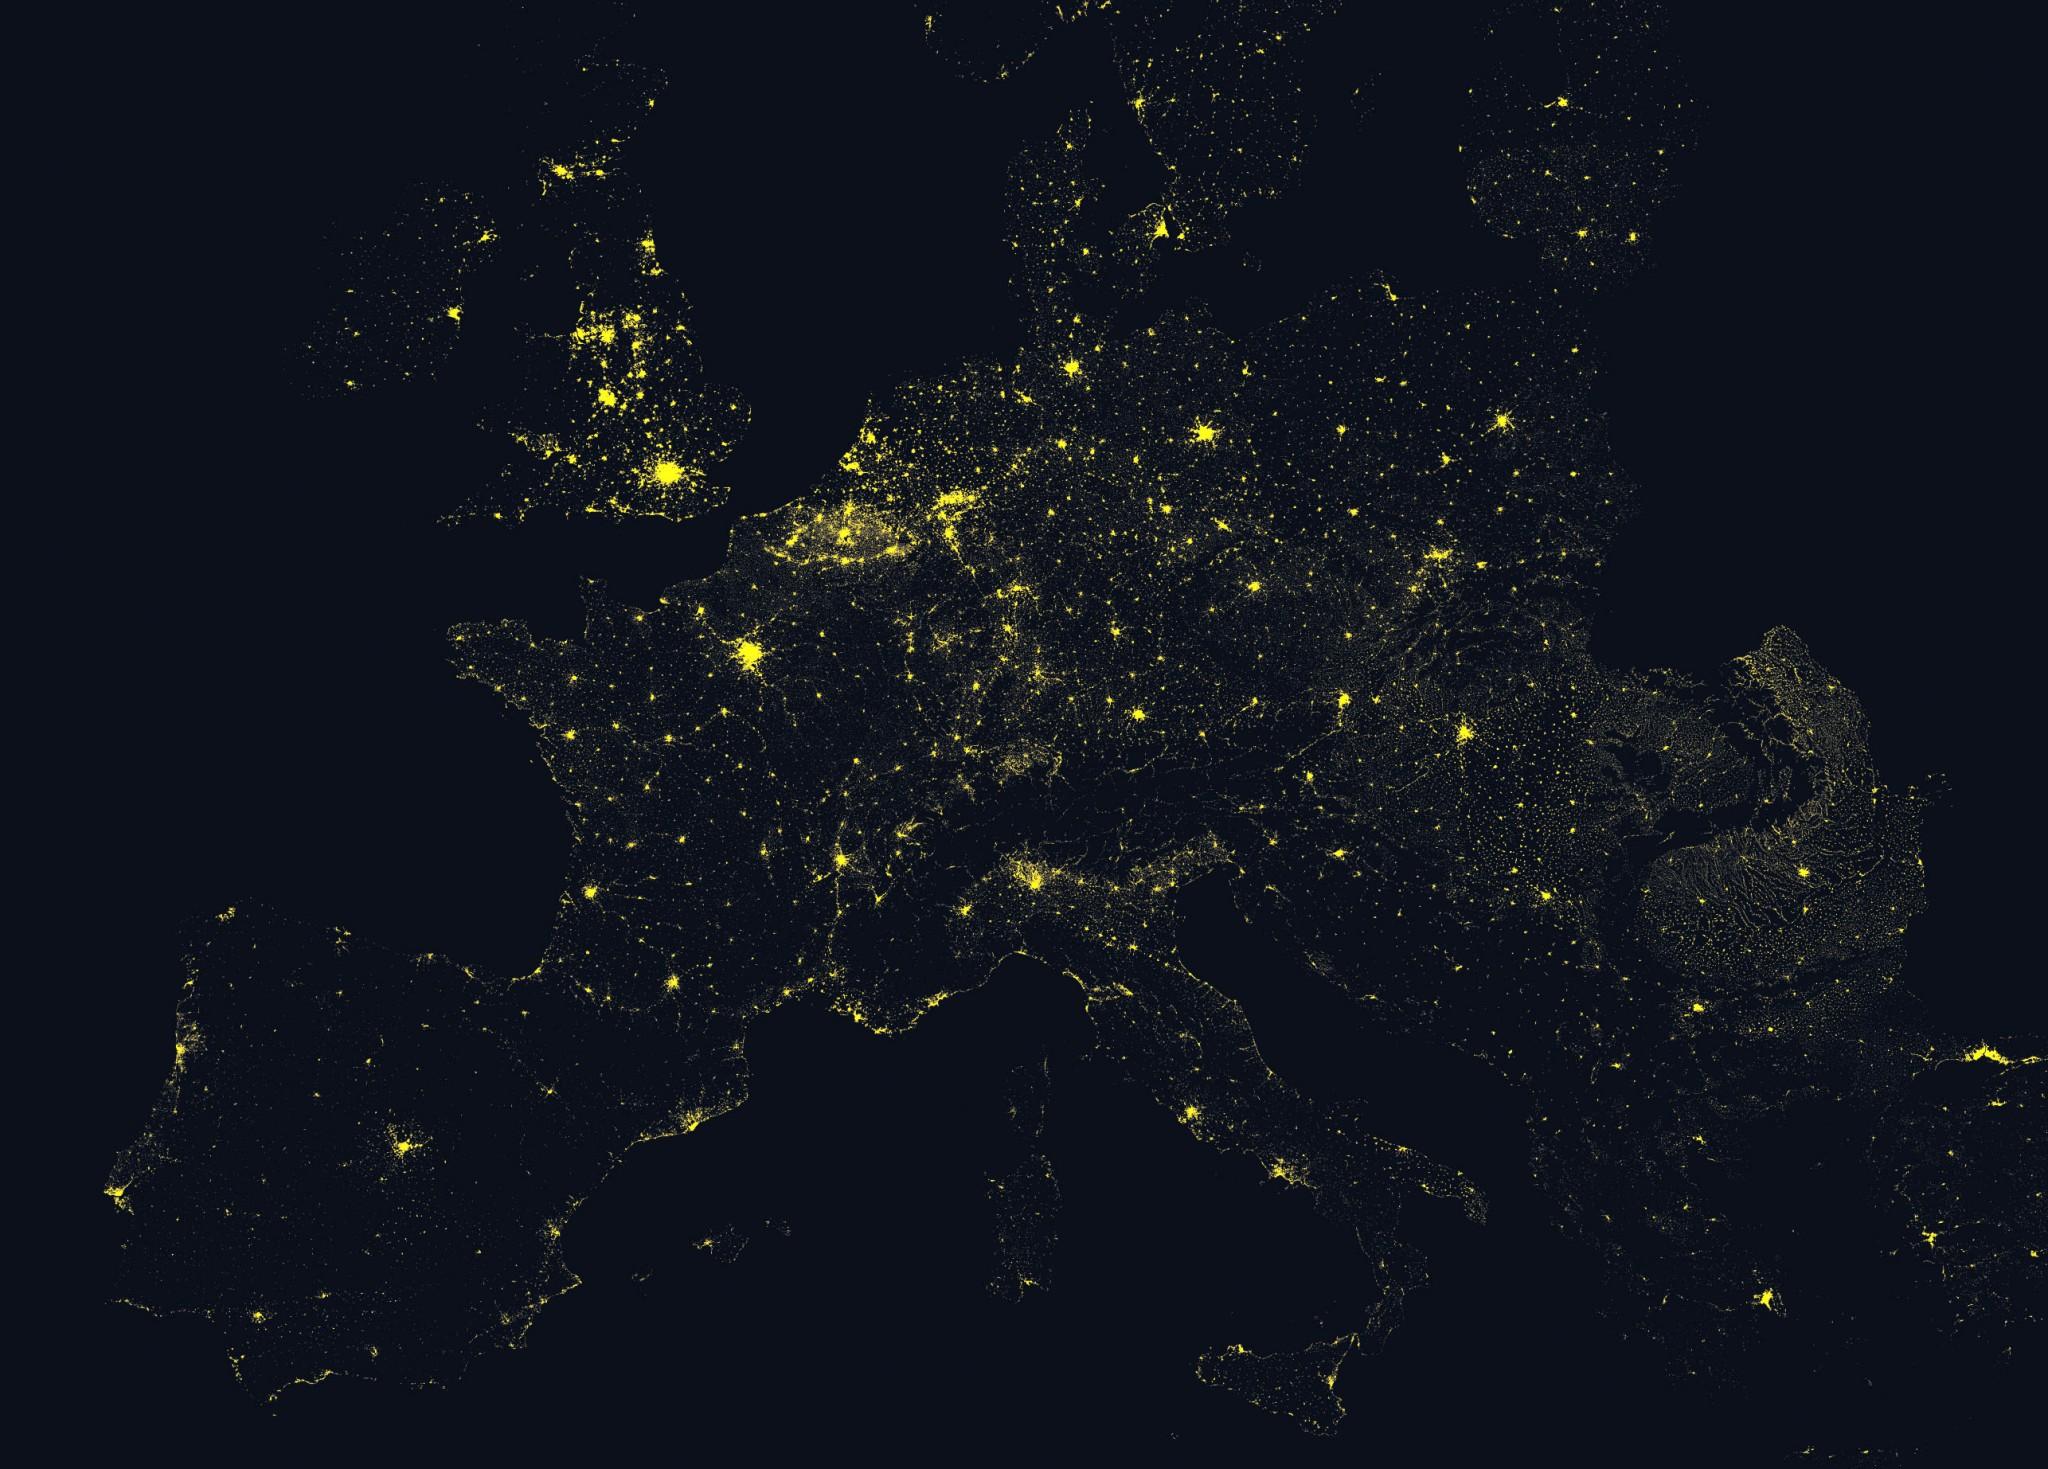 L'Europe de nuit - Guillaume Sciaux - Cartographe professionnel